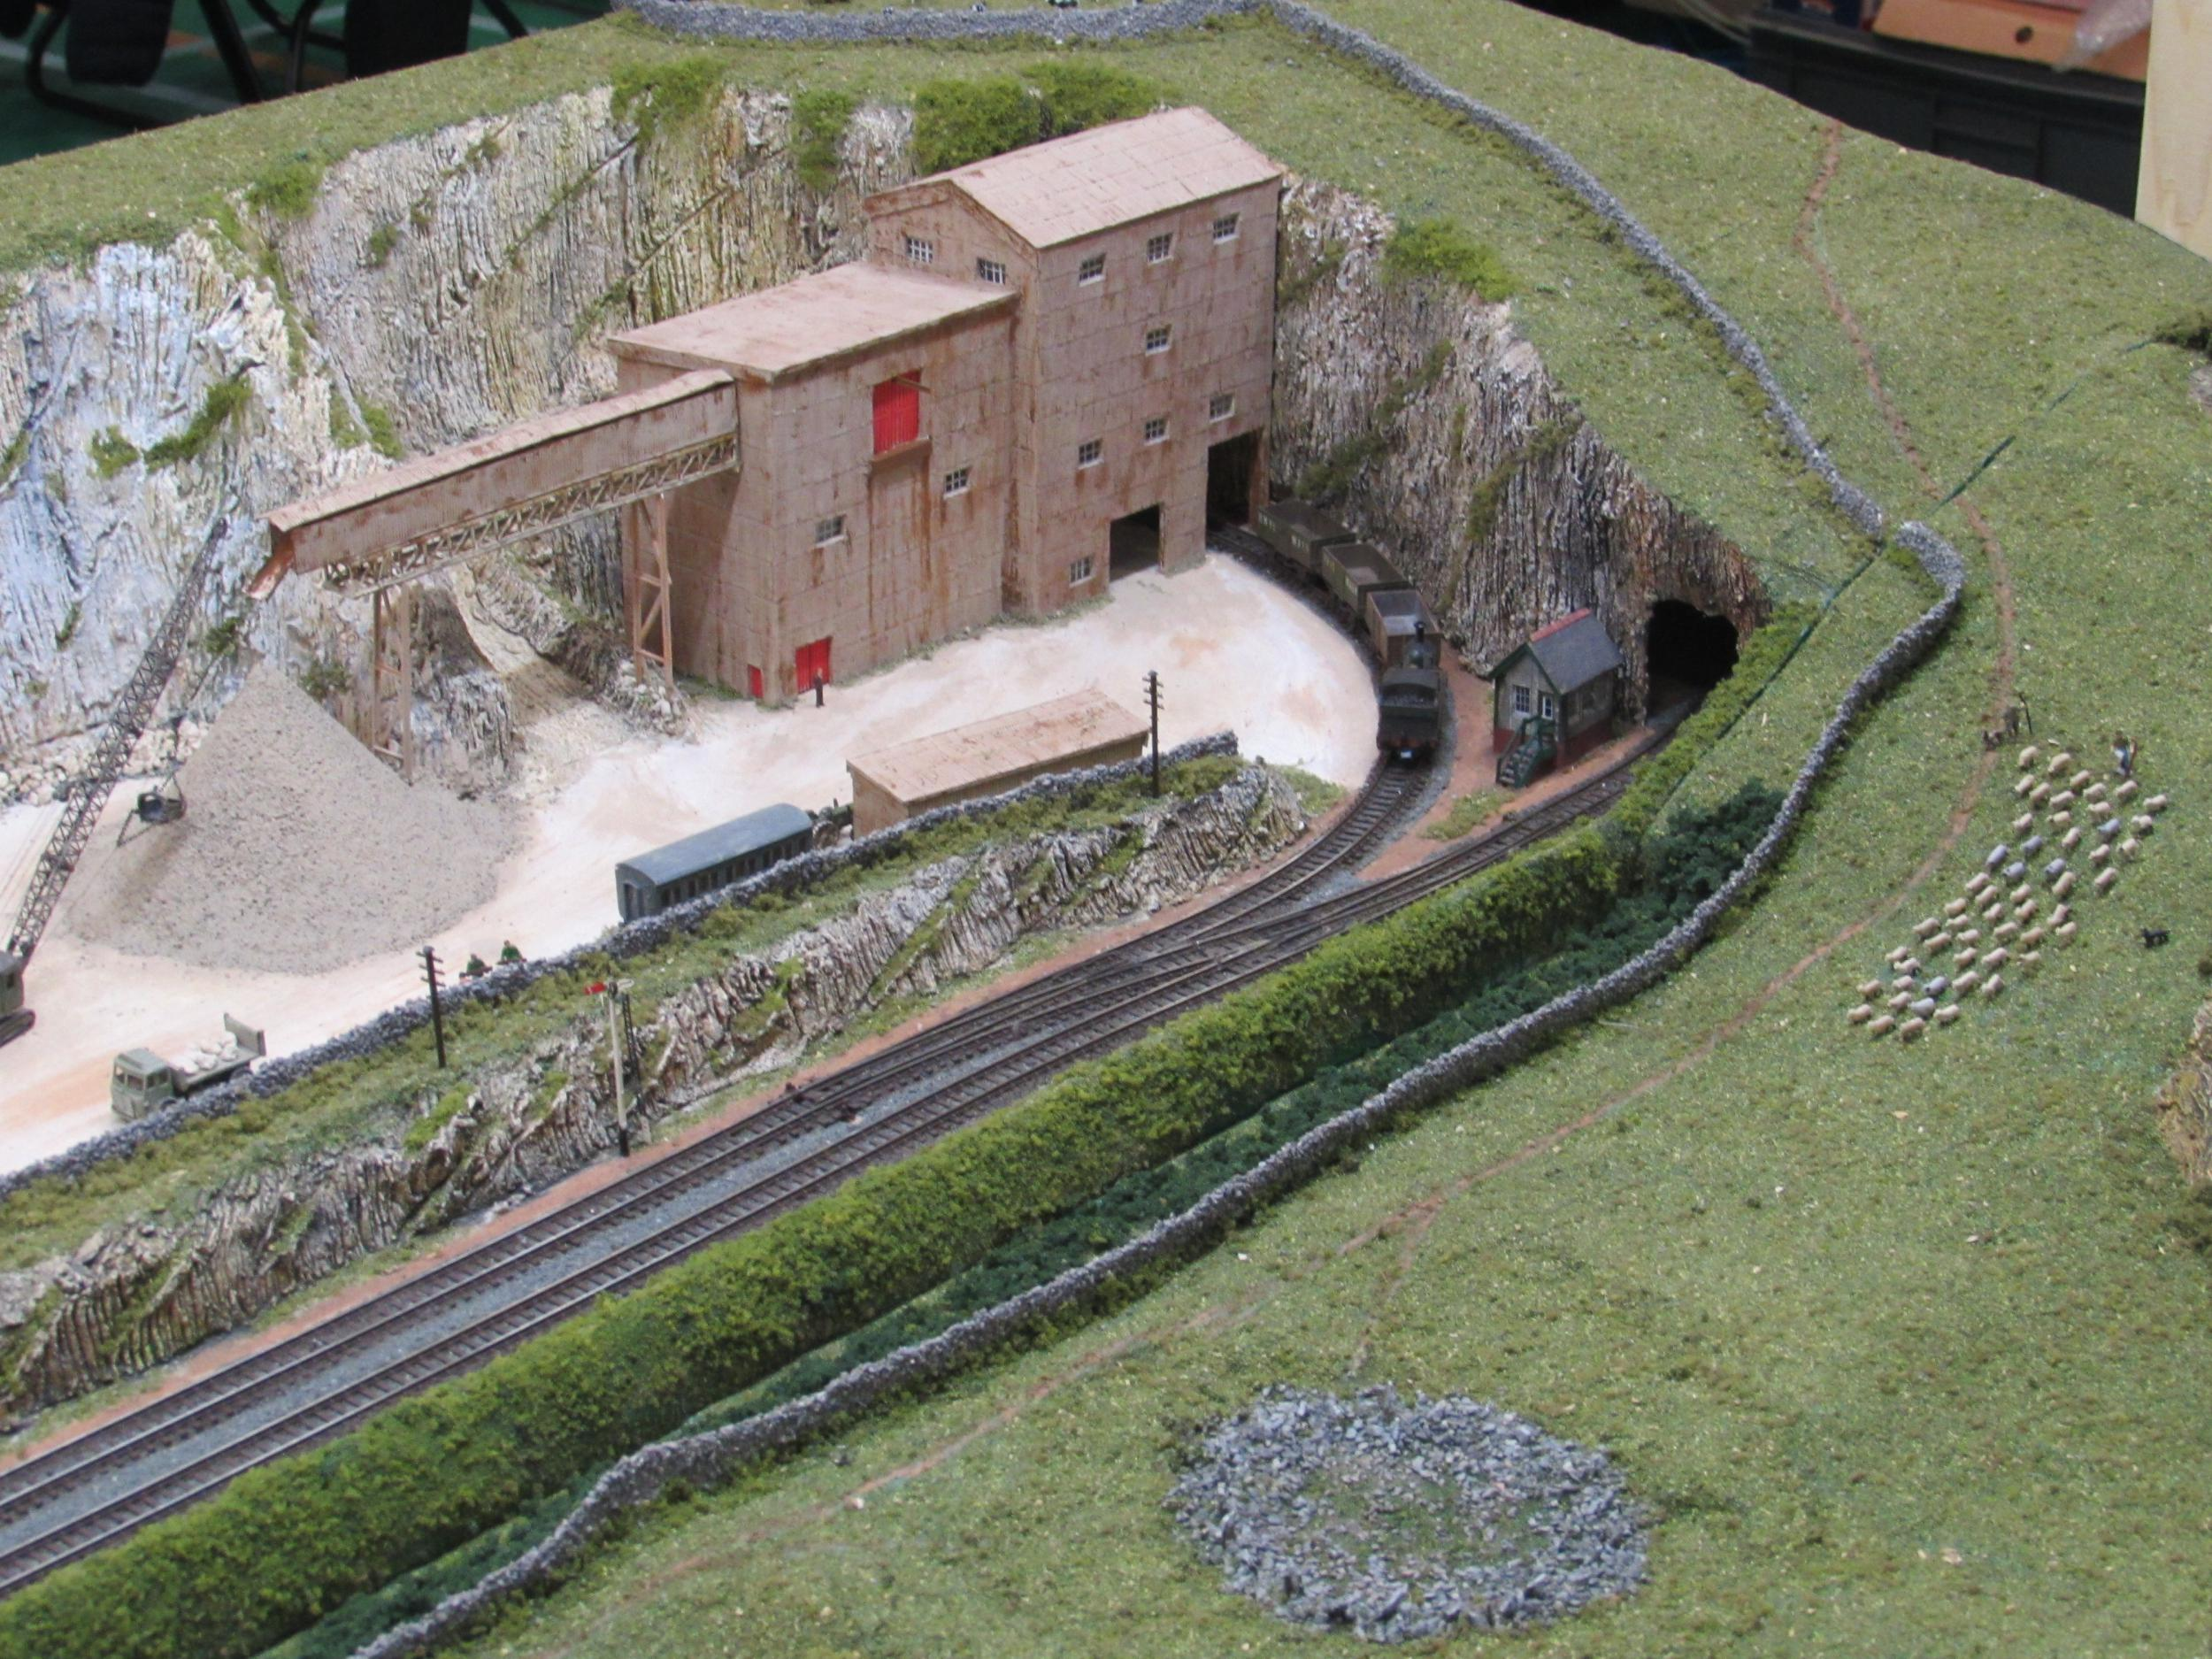 Model Railway Show in Fleetwood, Lancs